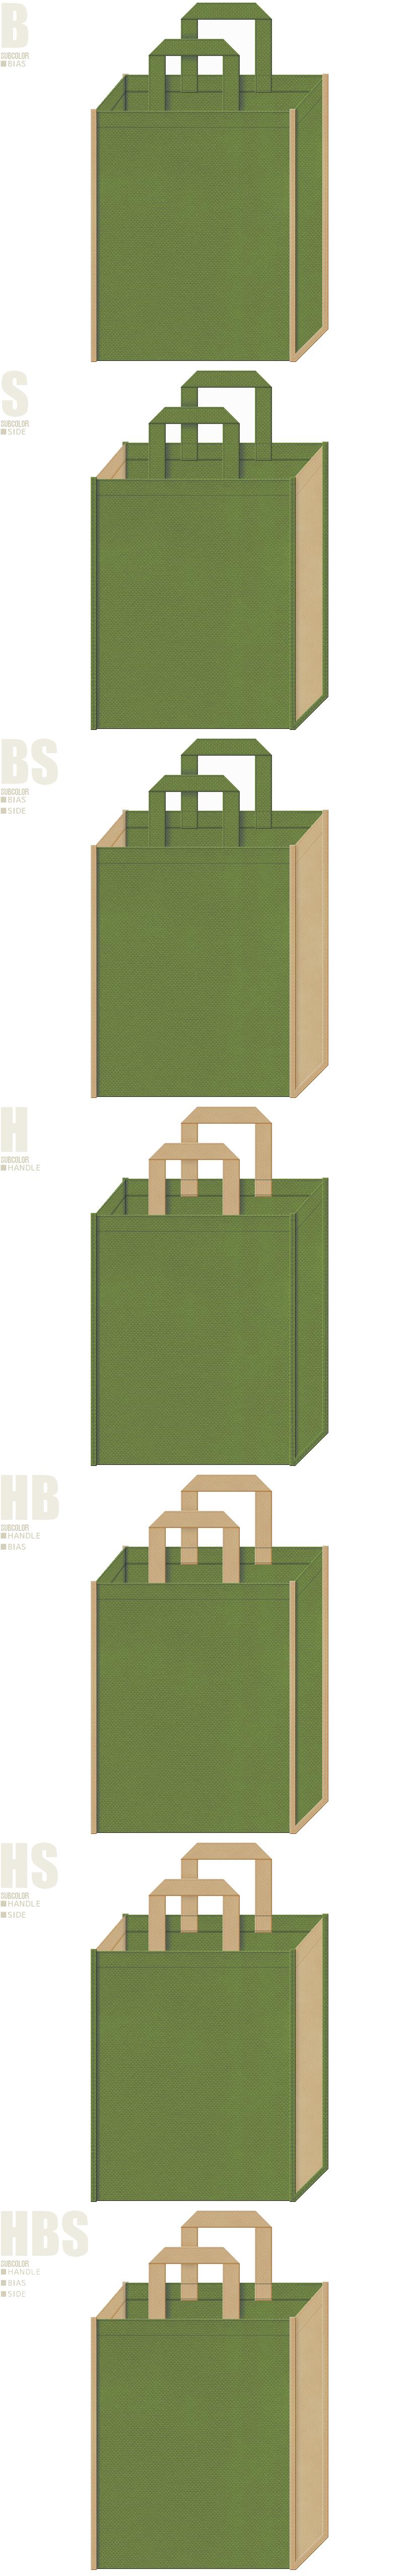 草色とカーキ色、7パターンの不織布トートバッグ配色デザイン例。民芸品・城下町・茶器のショッピングバッグにお奨めです。草庵・樽・桶・籠・竹製品のイメージ